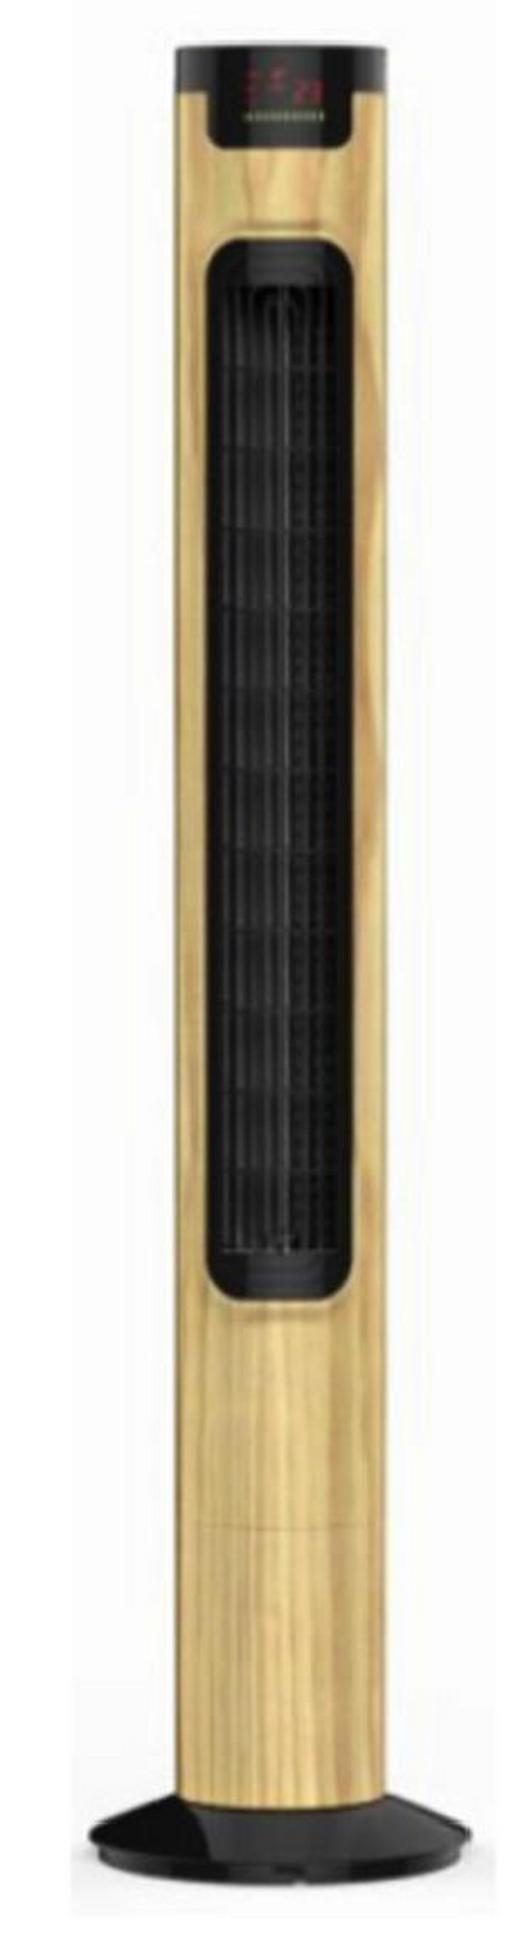 TURMVENTILATOR JULIETA - Ahornfarben/Schwarz, KONVENTIONELL, Kunststoff (15/13,7/81cm)